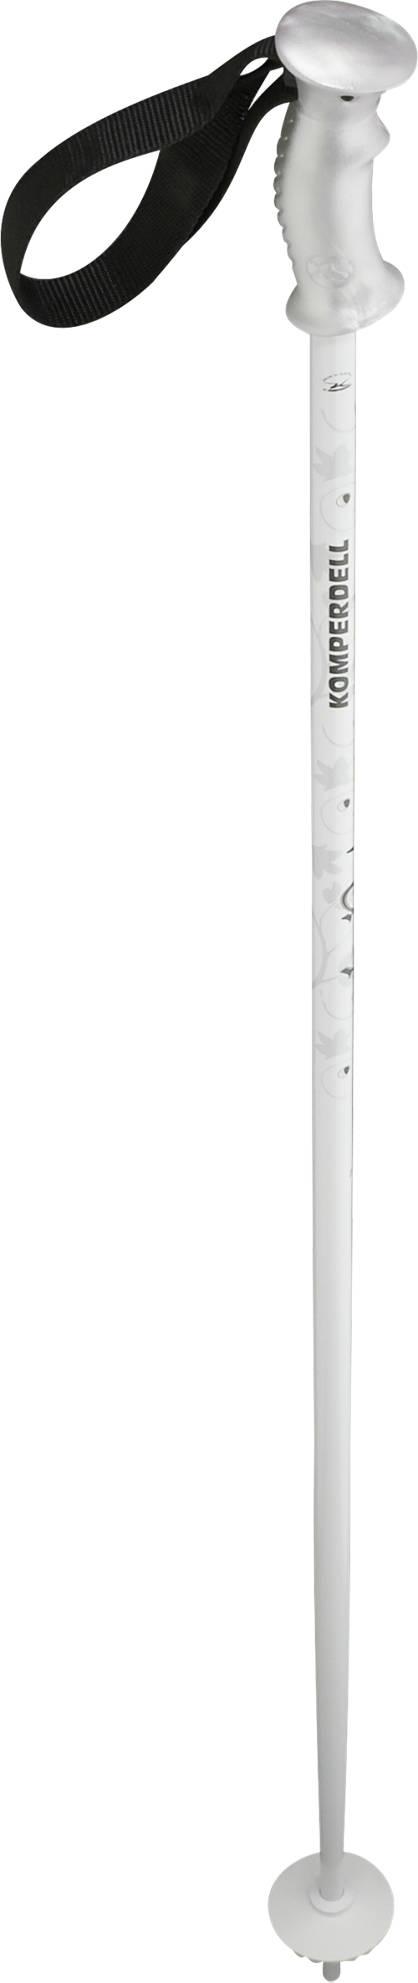 Komperdell Komperdell Bâton de ski Femes